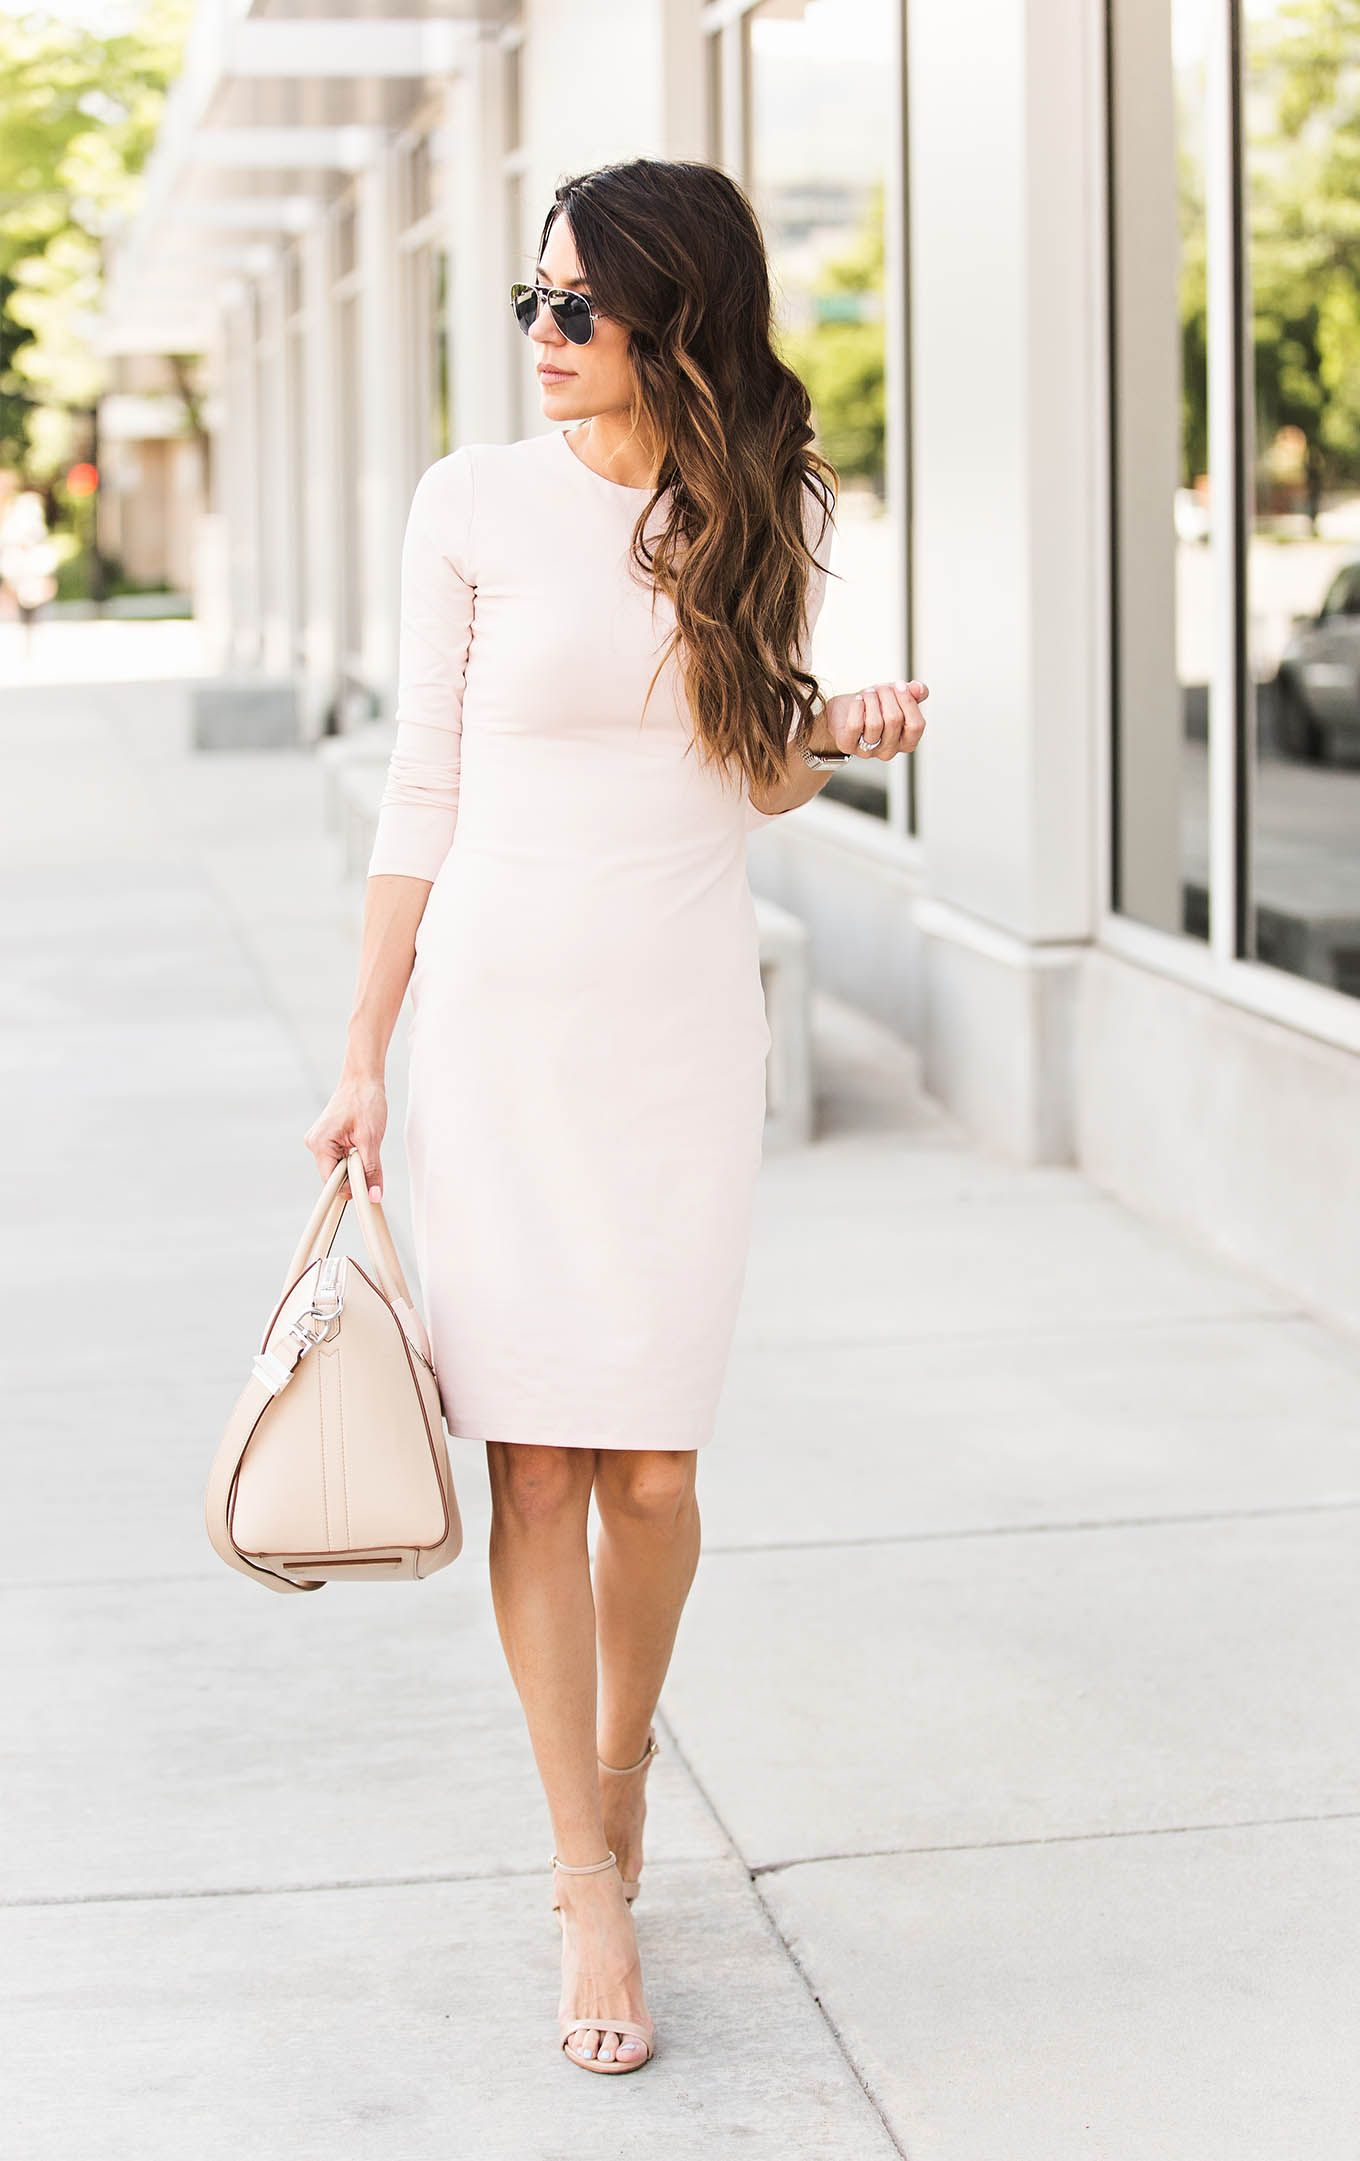 Mode bloggerin christine andrew tricks um einfach immer stylish